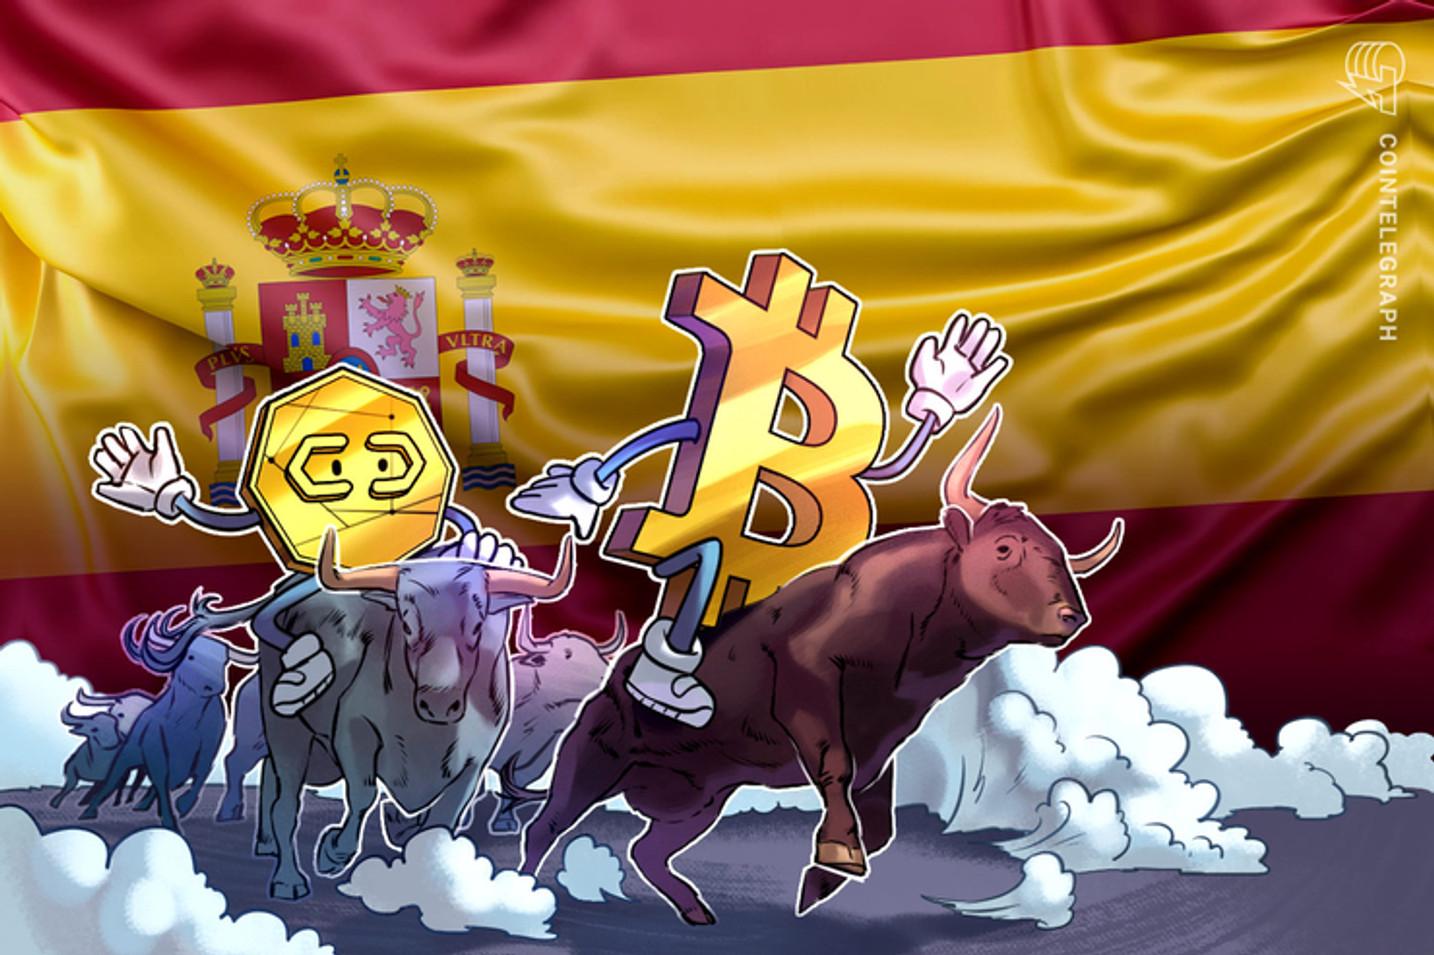 """El Banco de España advierte sobre el """"alto riesgo"""" de las criptomonedas. ¿Es cierto?"""